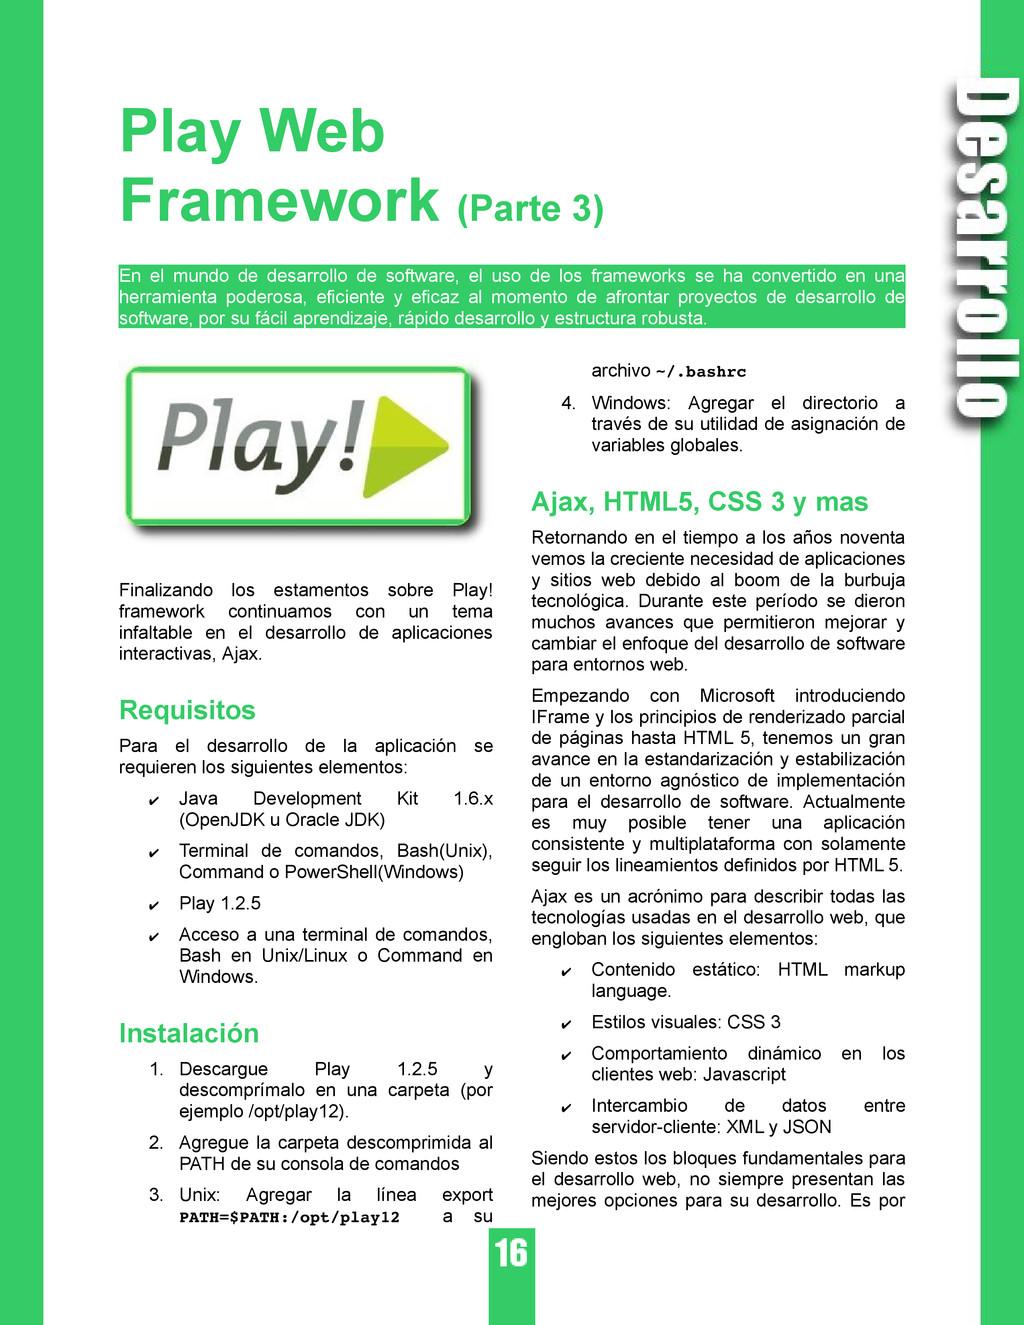 Play Web Framework (Parte 3) En el mundo de des...